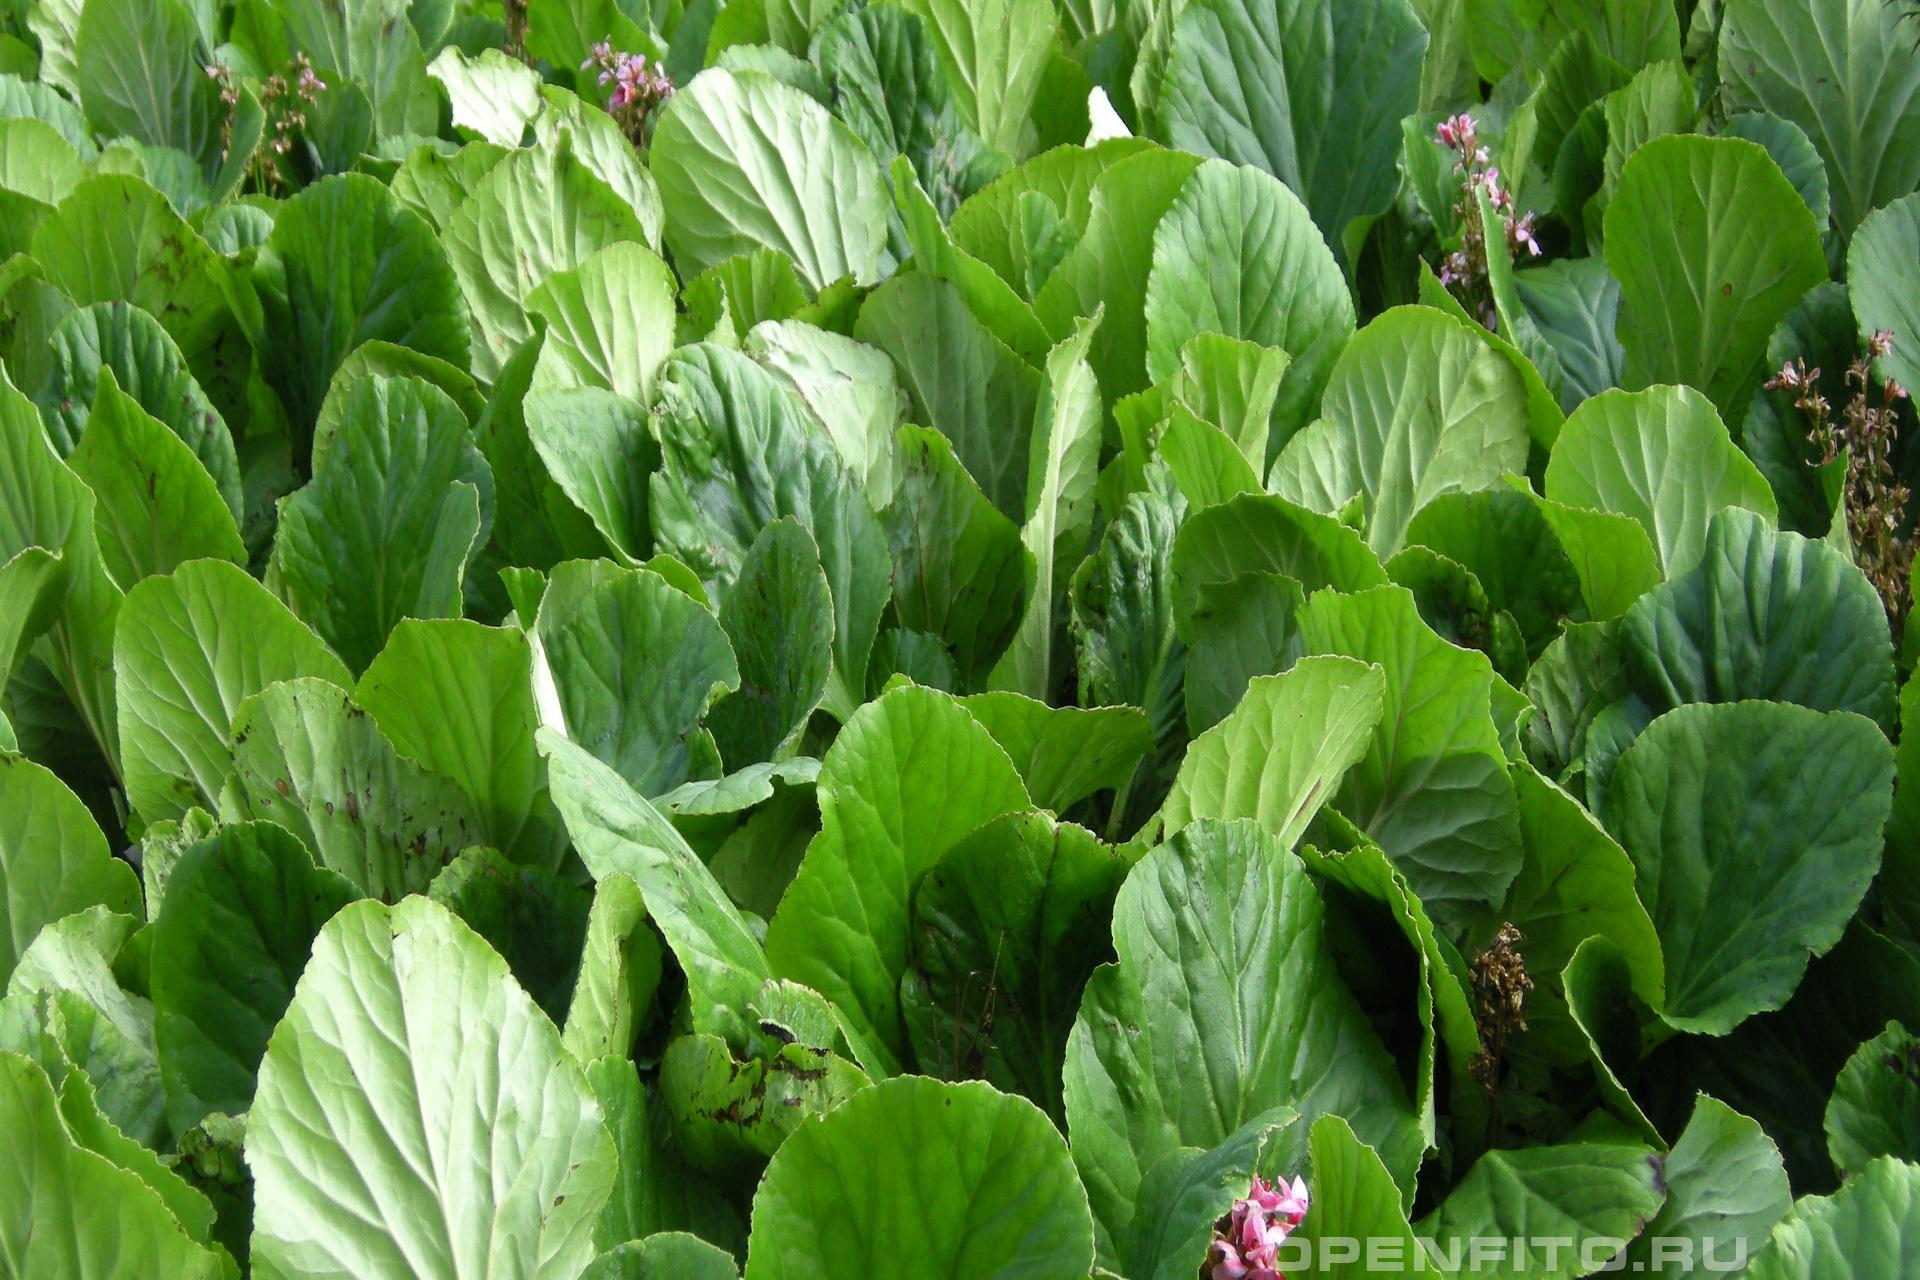 Бадан толстолистный так же это растение называется Камнеломка толстолистная, из него можно заваривать чайные напитки